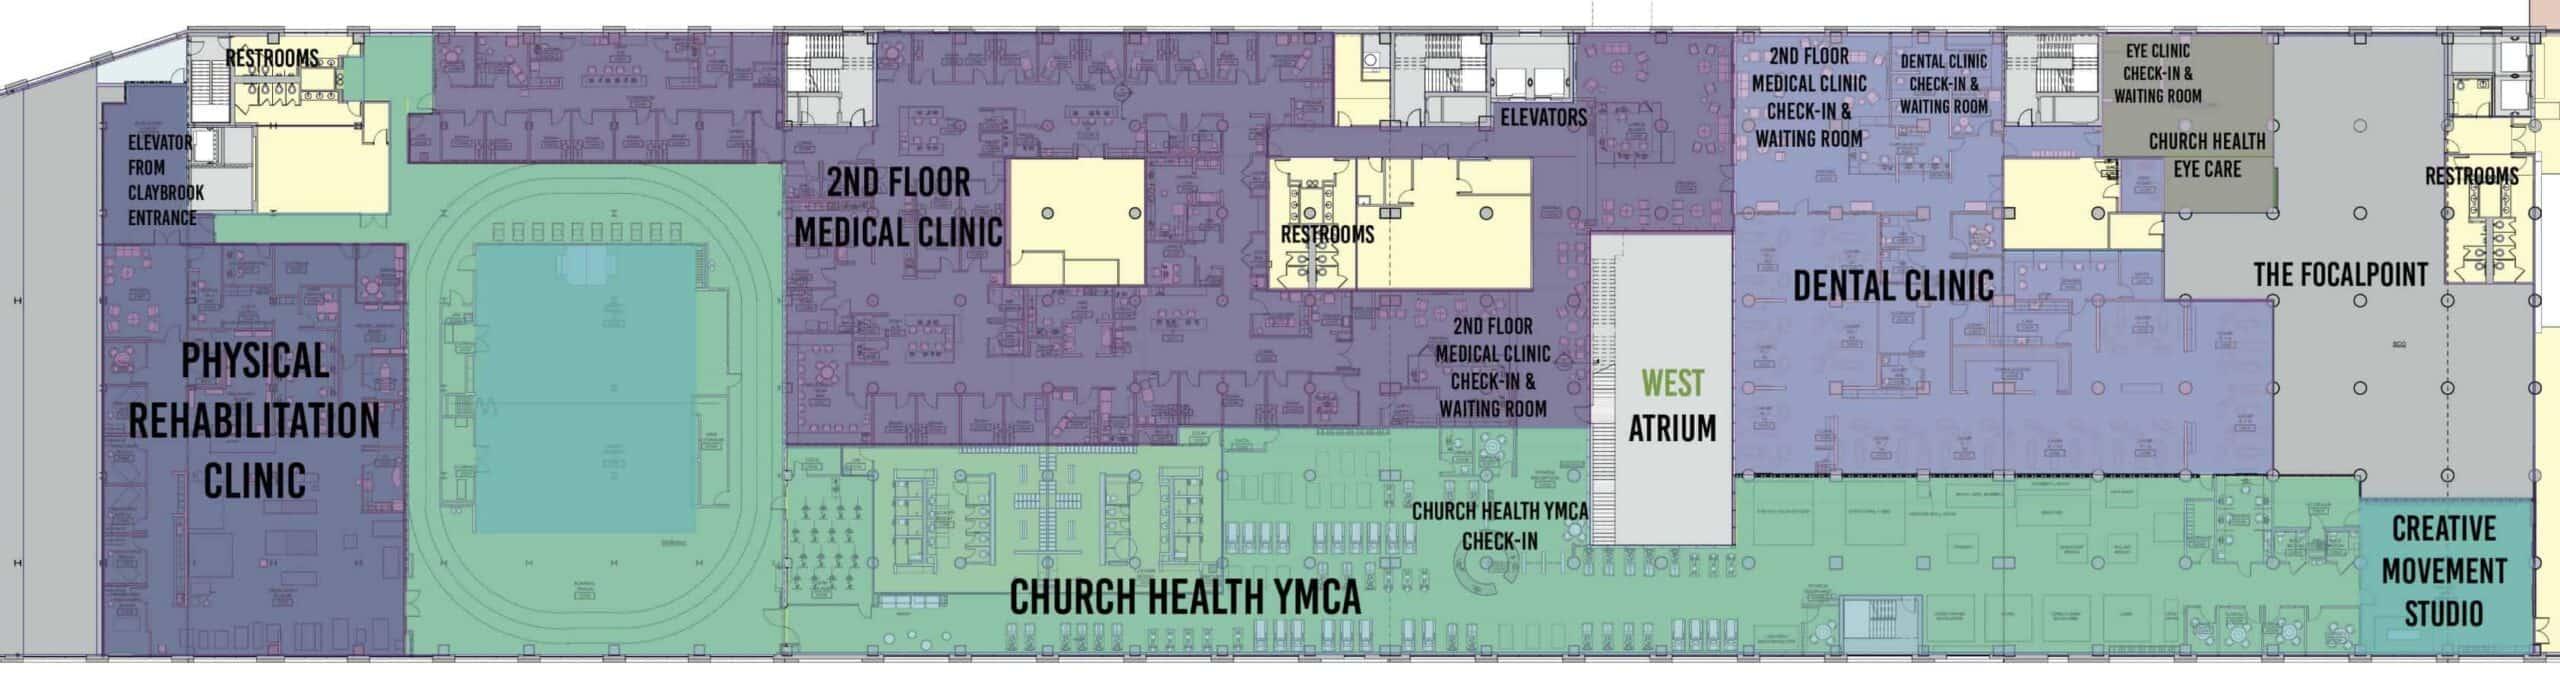 Crosstown Concourse at Church Health Memphis